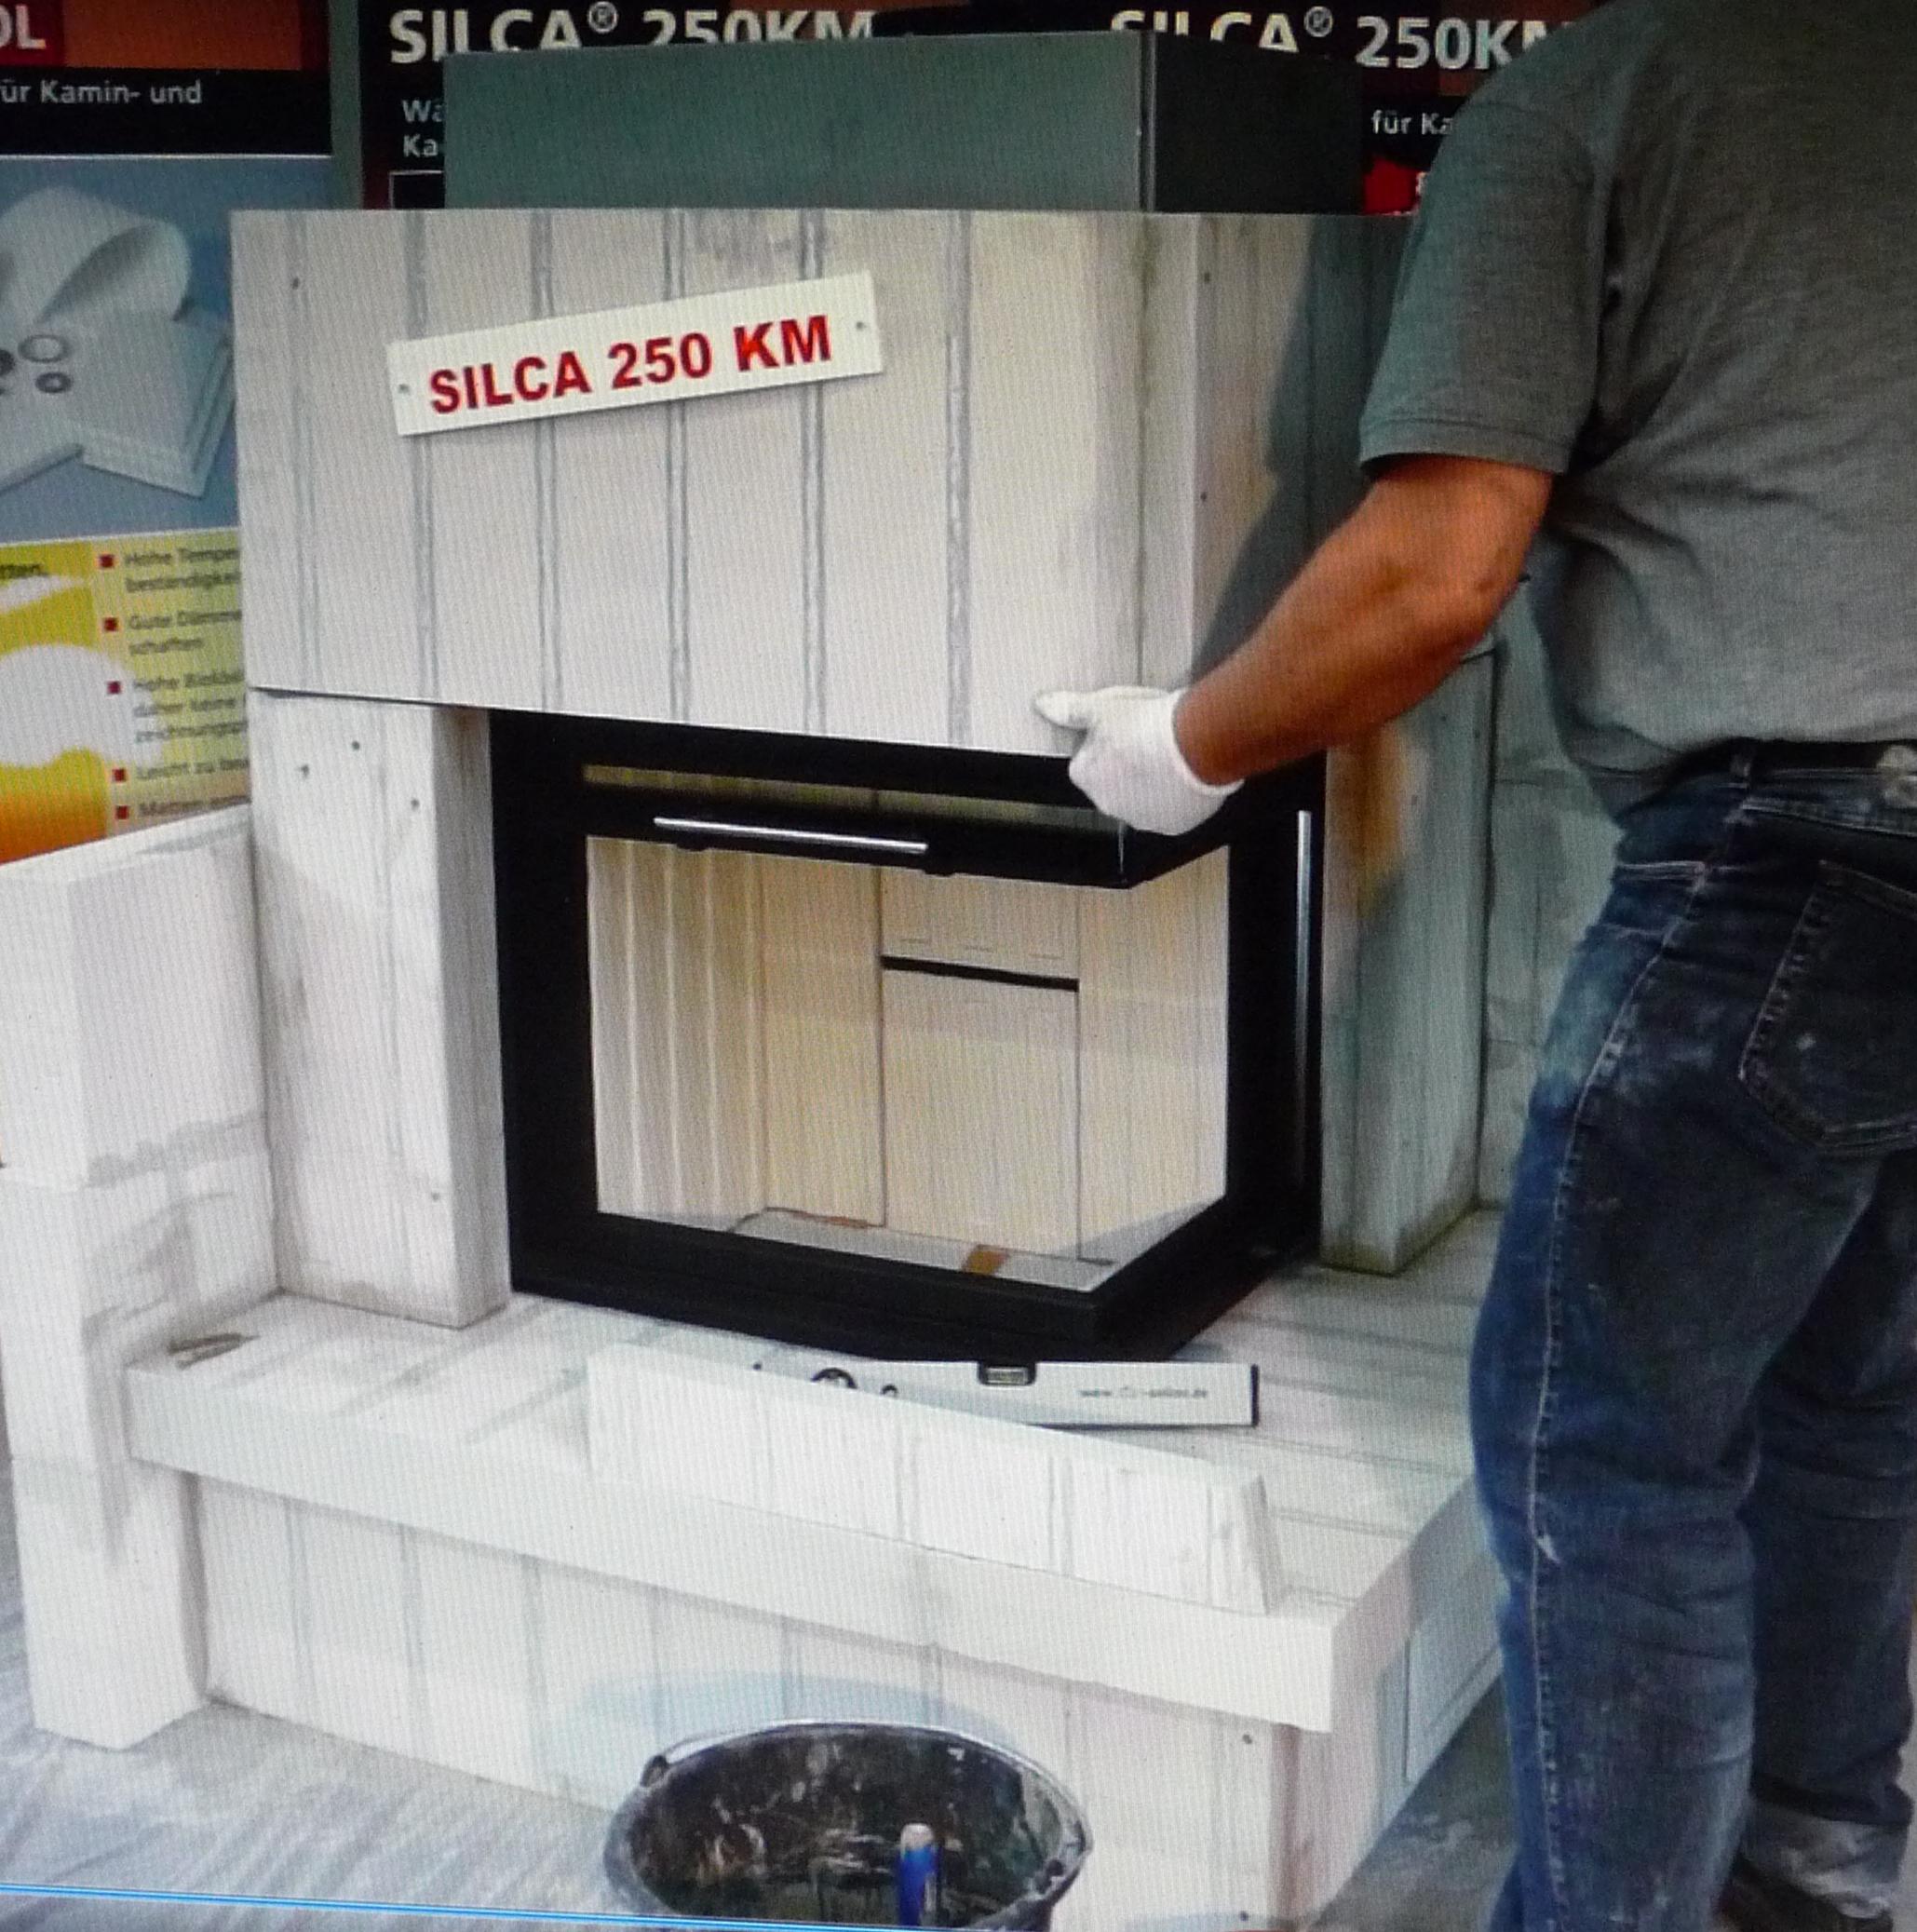 austroflamm kamineinsatz 75x39 k hotline 7 21 uhr 0177 530 9030. Black Bedroom Furniture Sets. Home Design Ideas